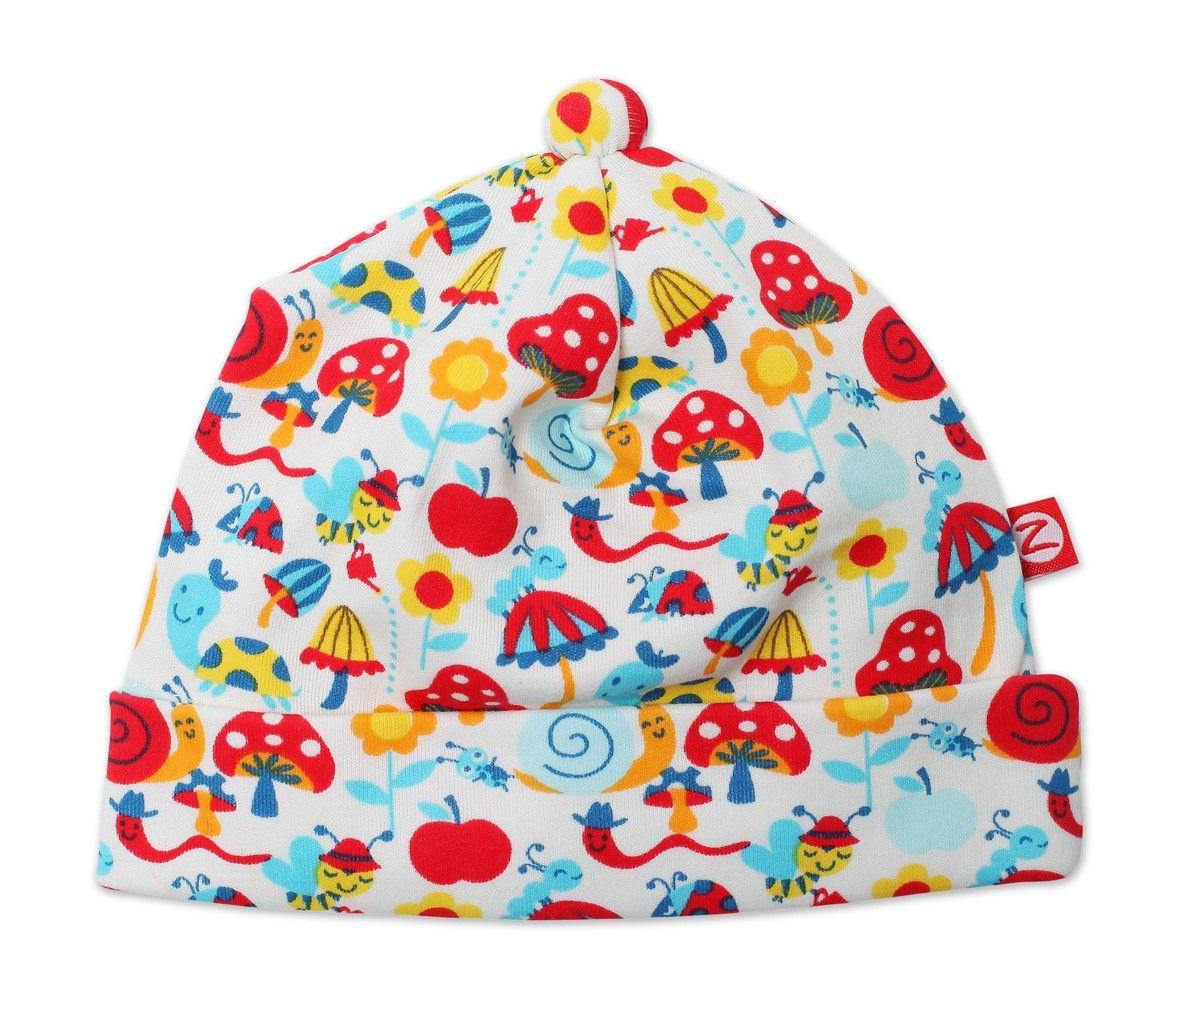 Newborn//Preemie Zutano Baby-Girls Newborn Happy Day Hat Cream